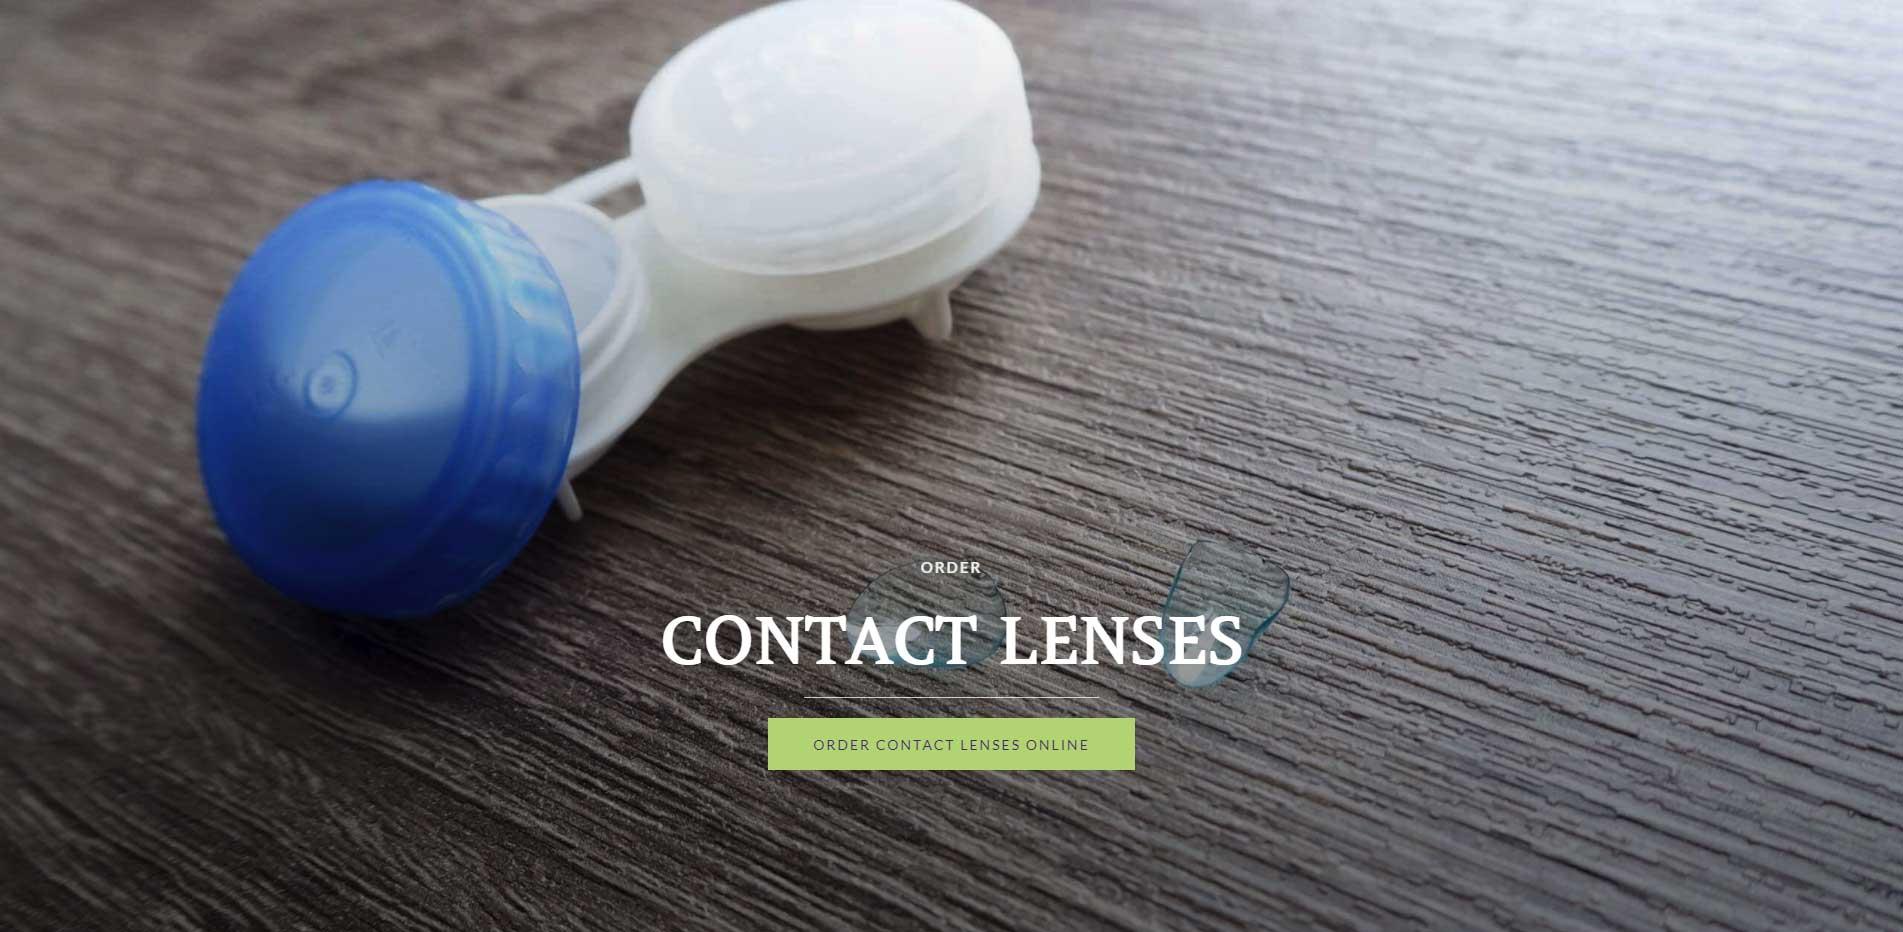 LASIK Wilkes-Barre | Eye Doctor Scranton | Eye Care Specialists